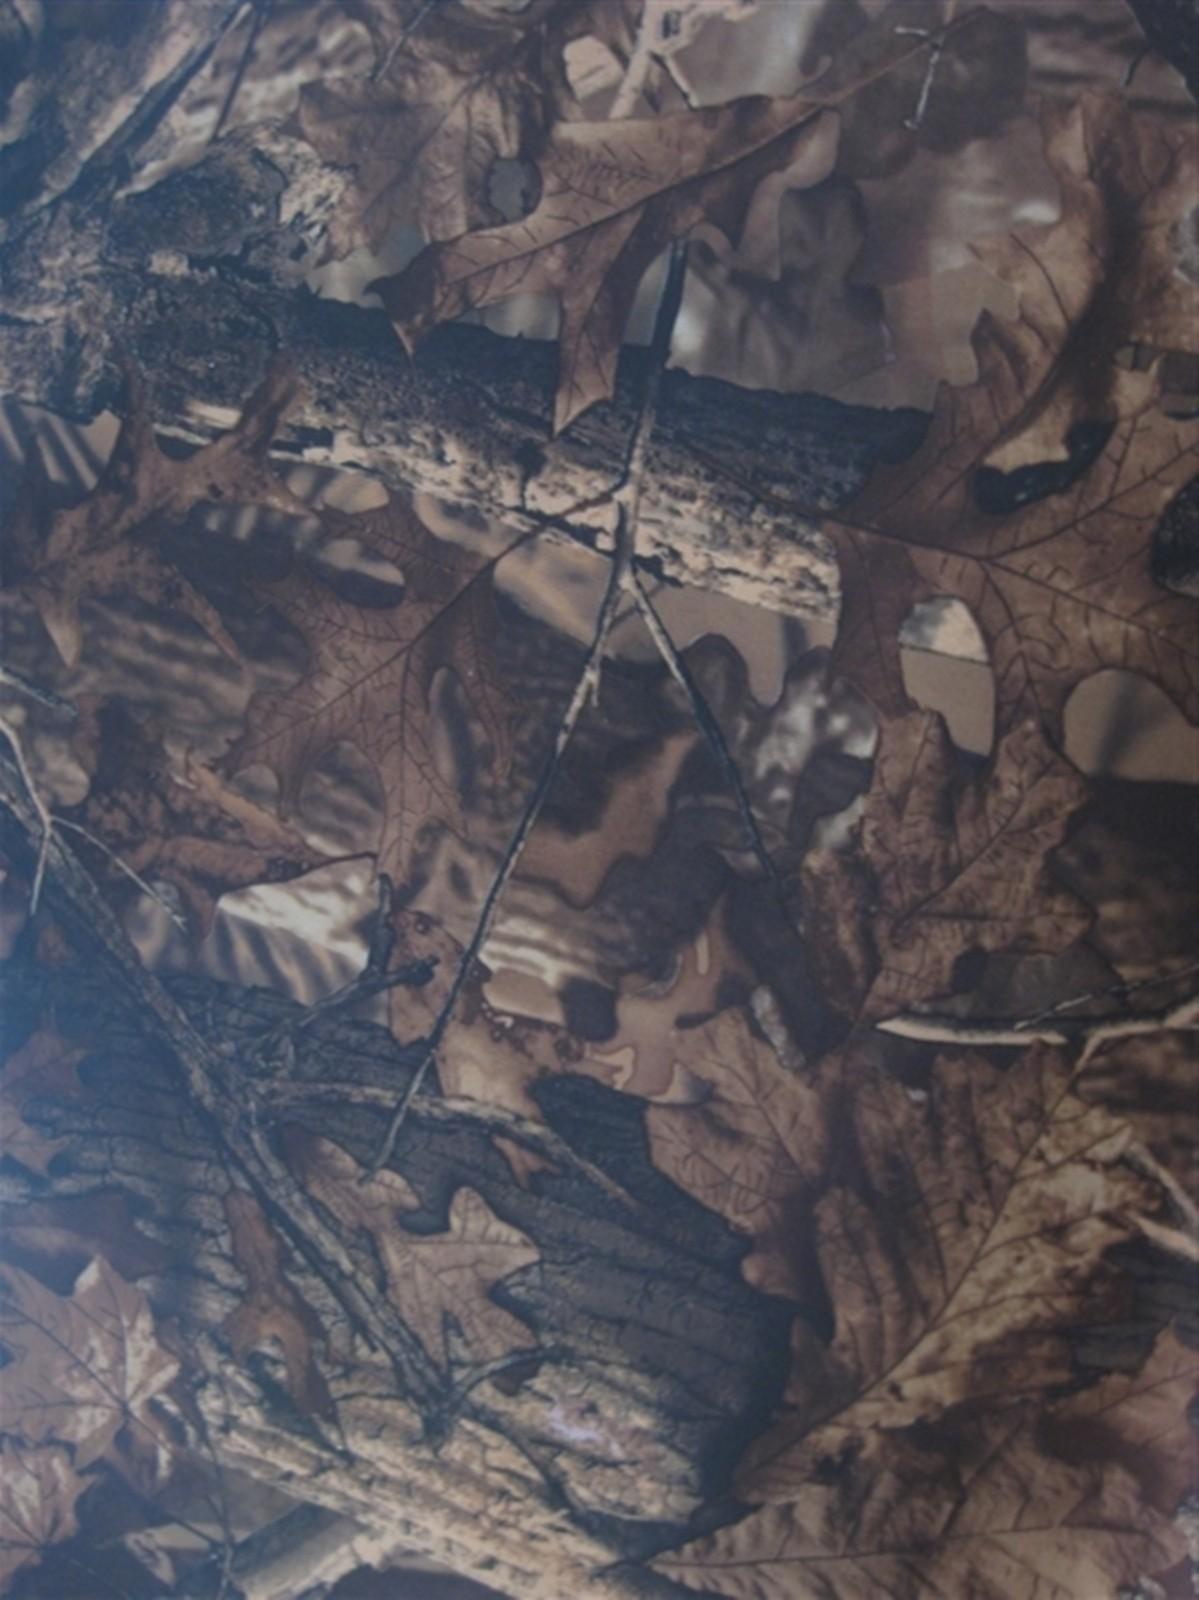 600D大树叶 大森林树叶花 牛津布涂层pvc图片二十